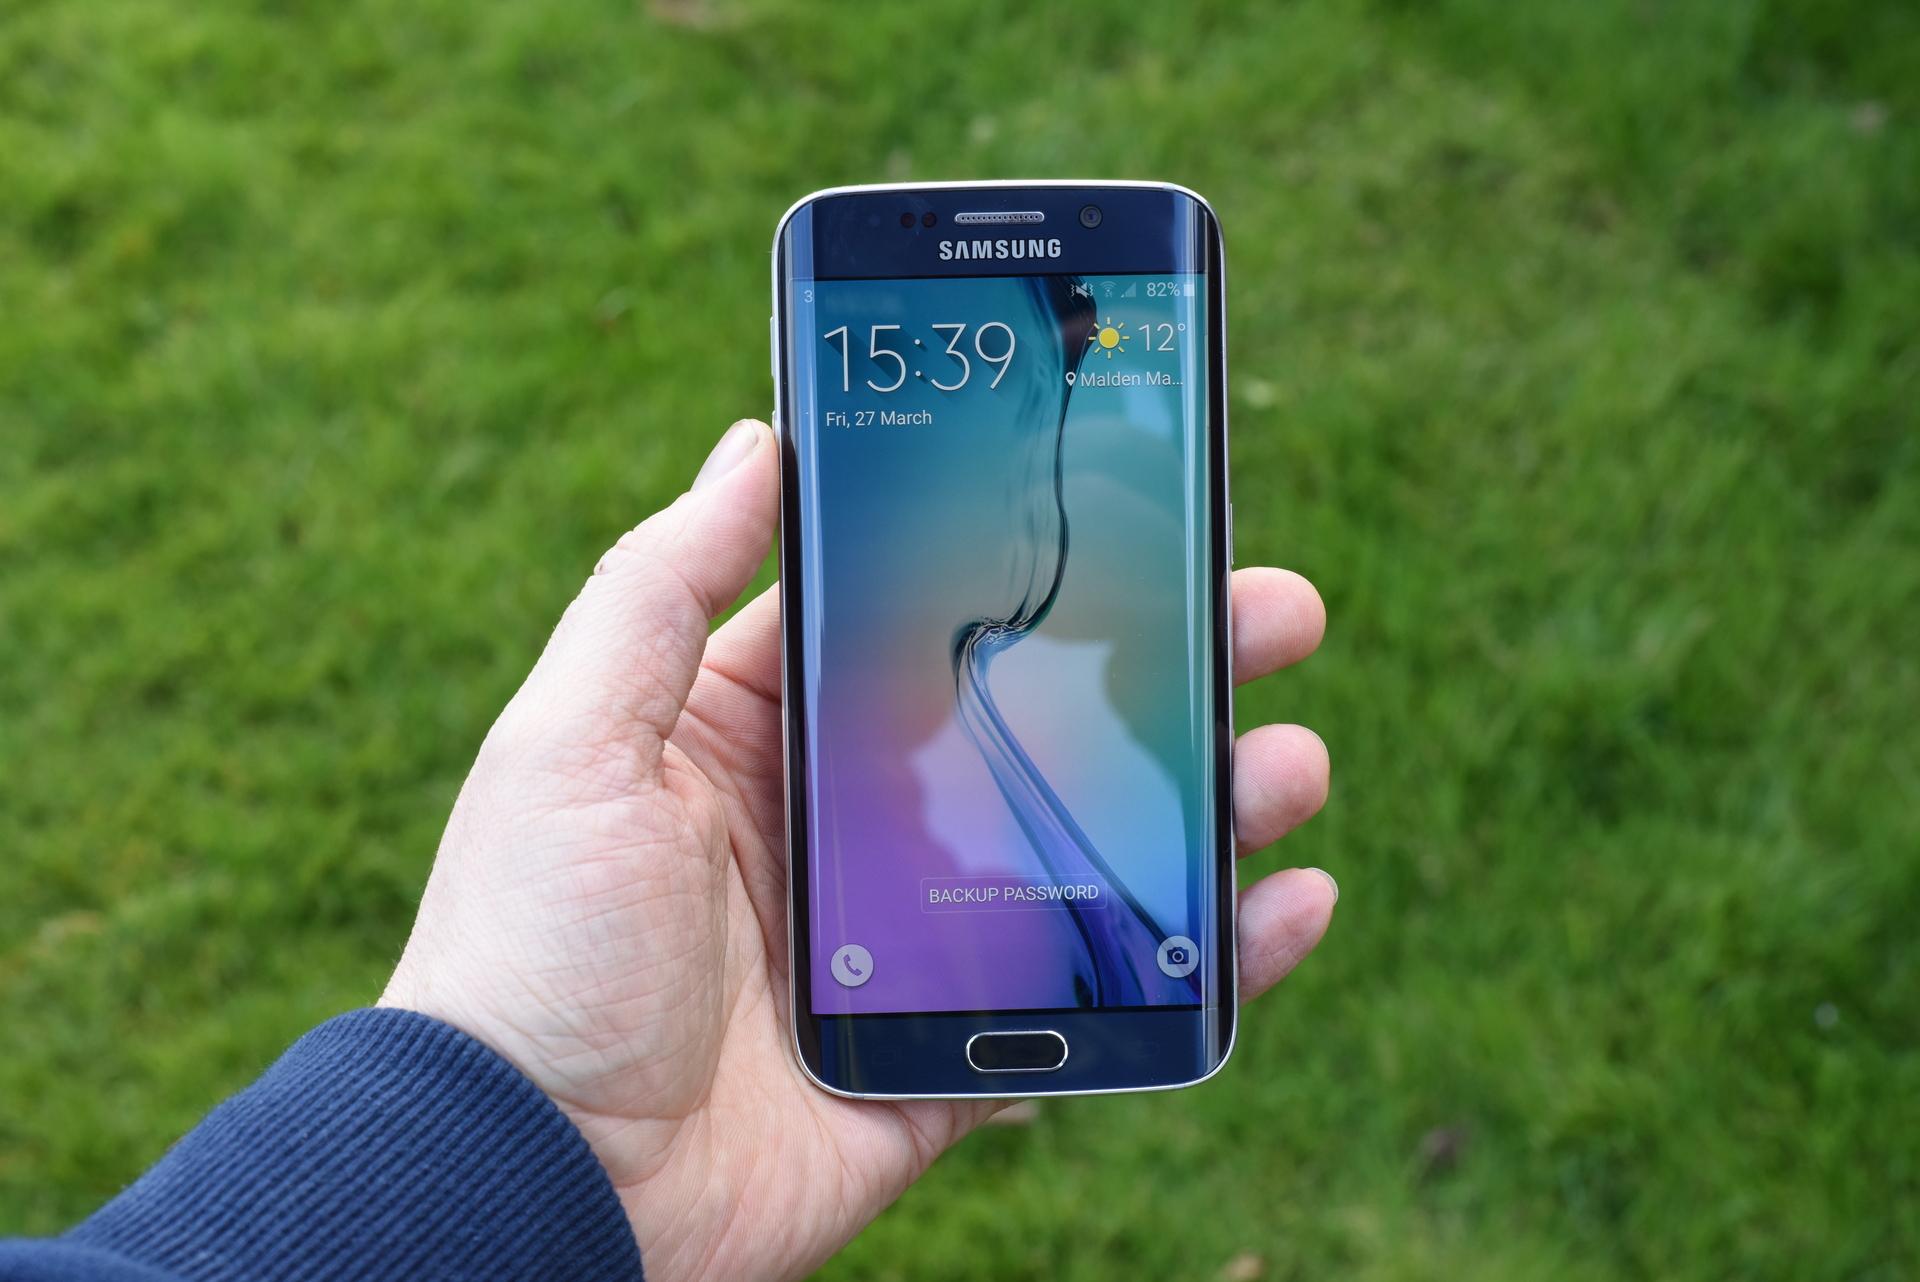 gonka-vooruzhenijj_smartfony-samsung-galaxy-s6-edge-v-ruke